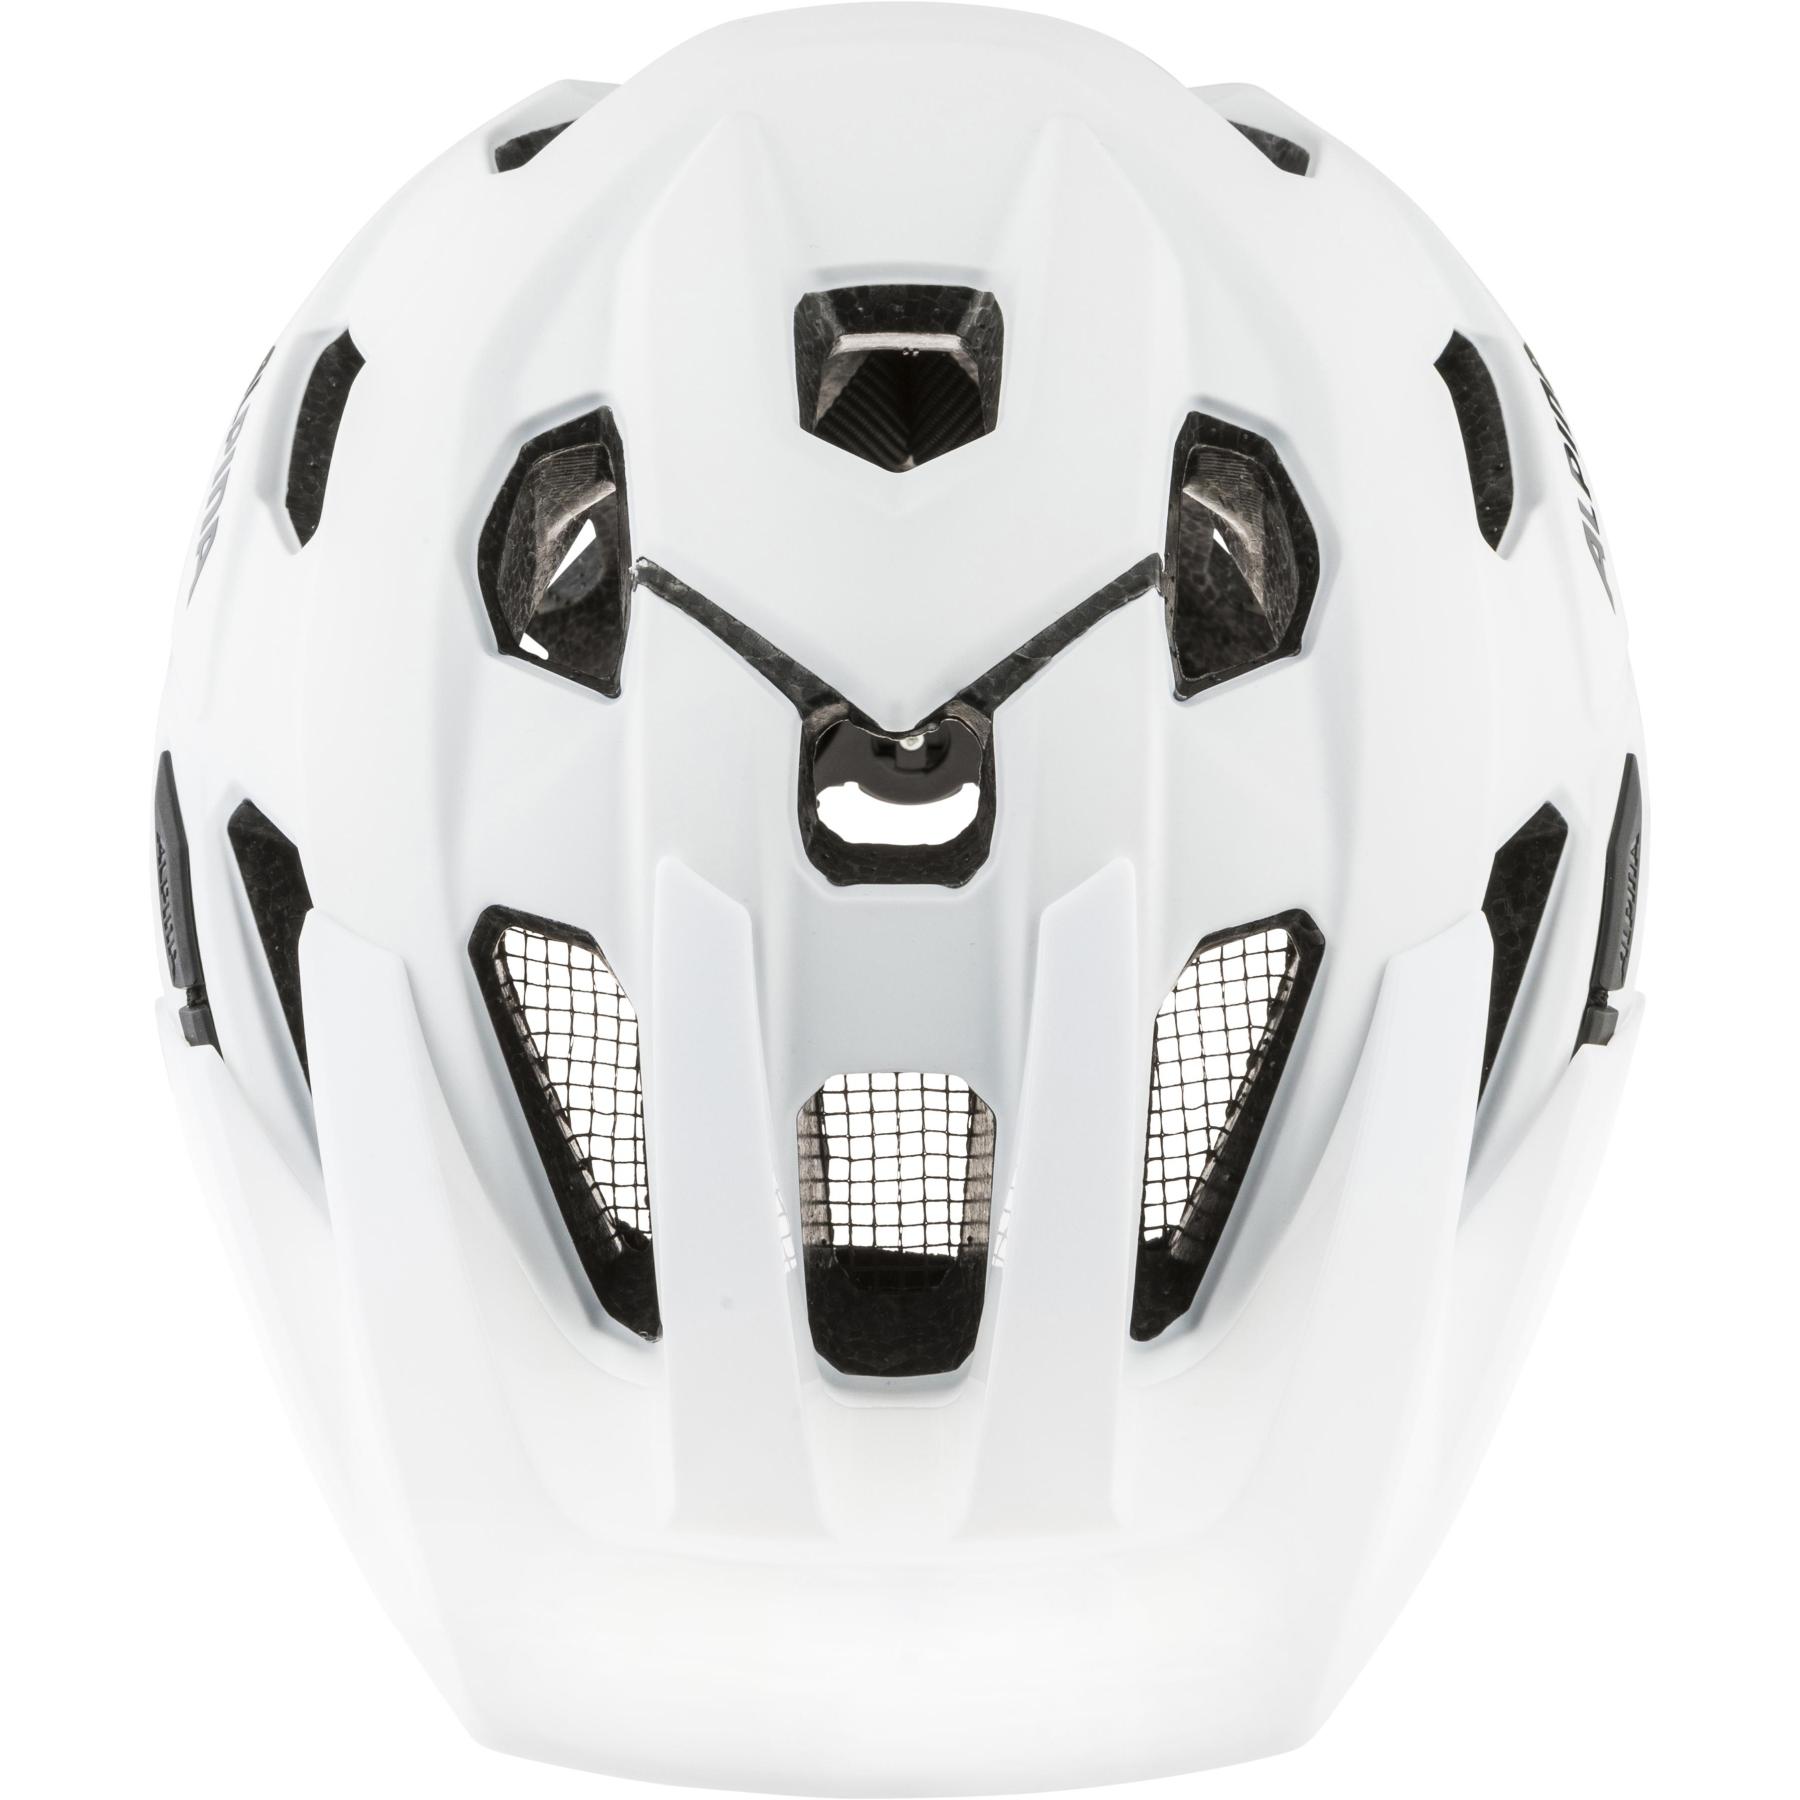 Image of Alpina Anzana Helmet - white matt